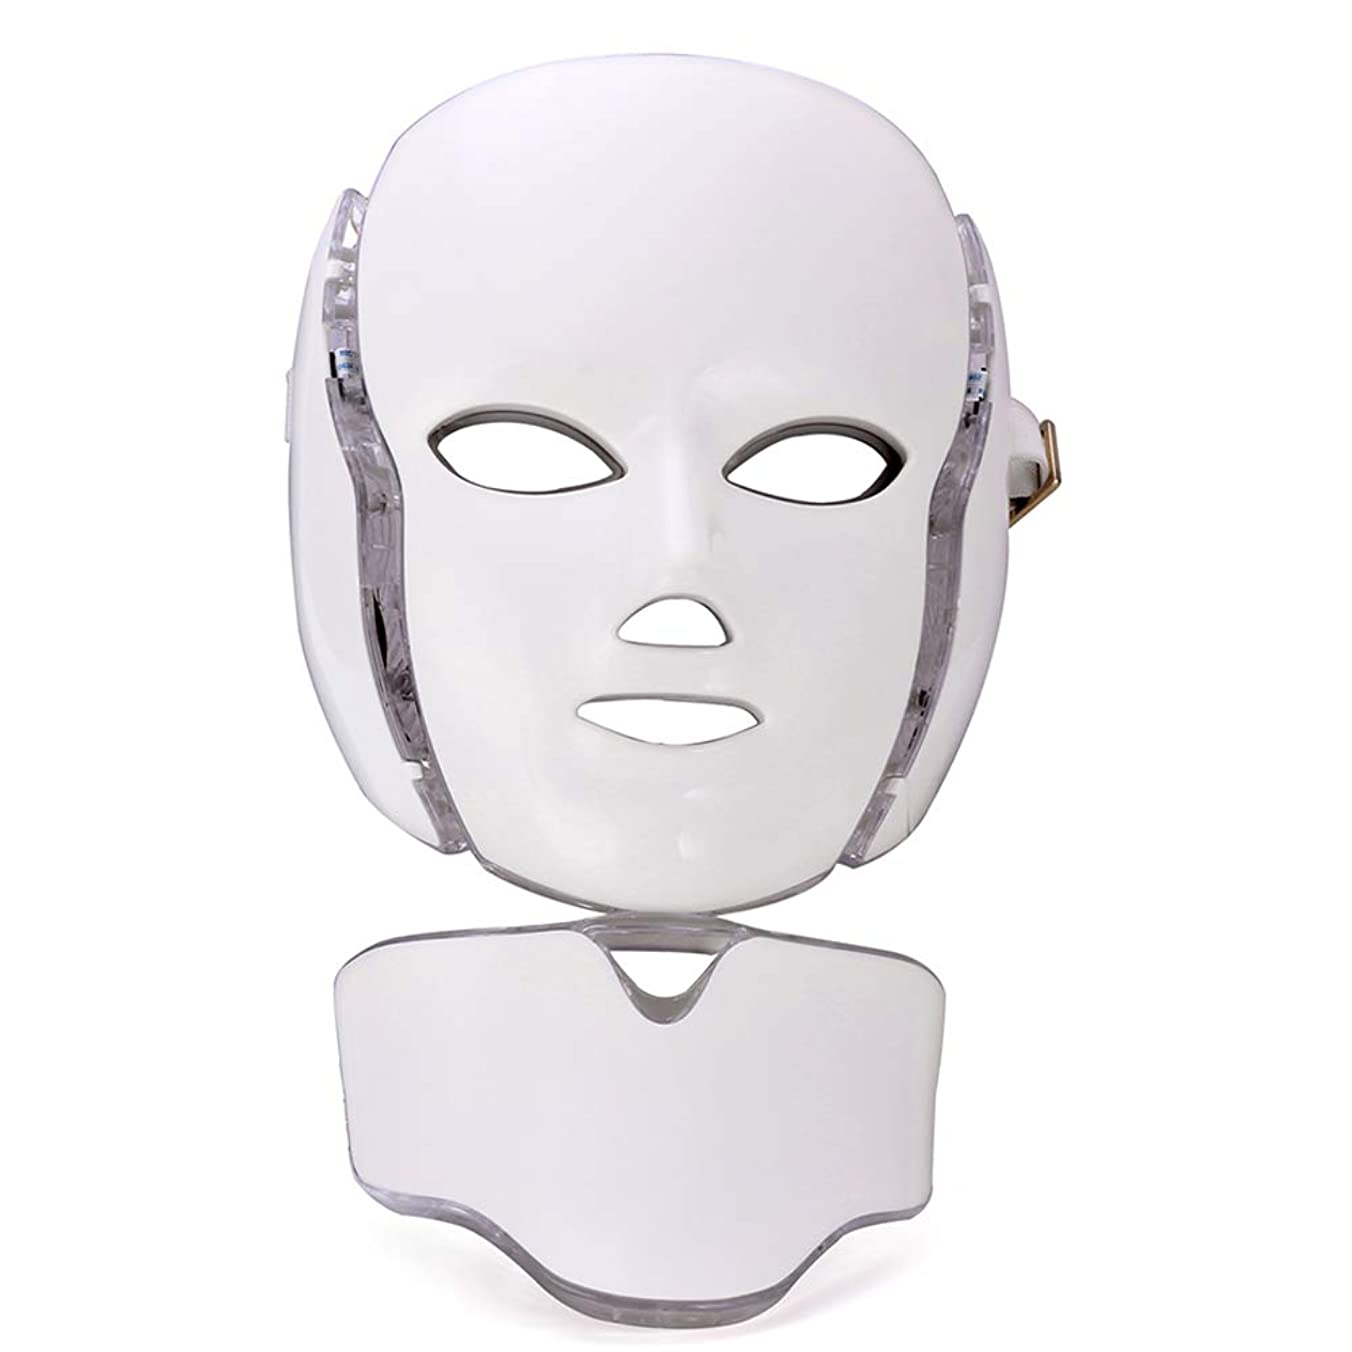 食い違い実験をする減少LED フェイスマスク、顔の美しさスキンケアマスク光子療法のための皮膚若返り抗老化しわにきび健康肌若返りコラーゲン